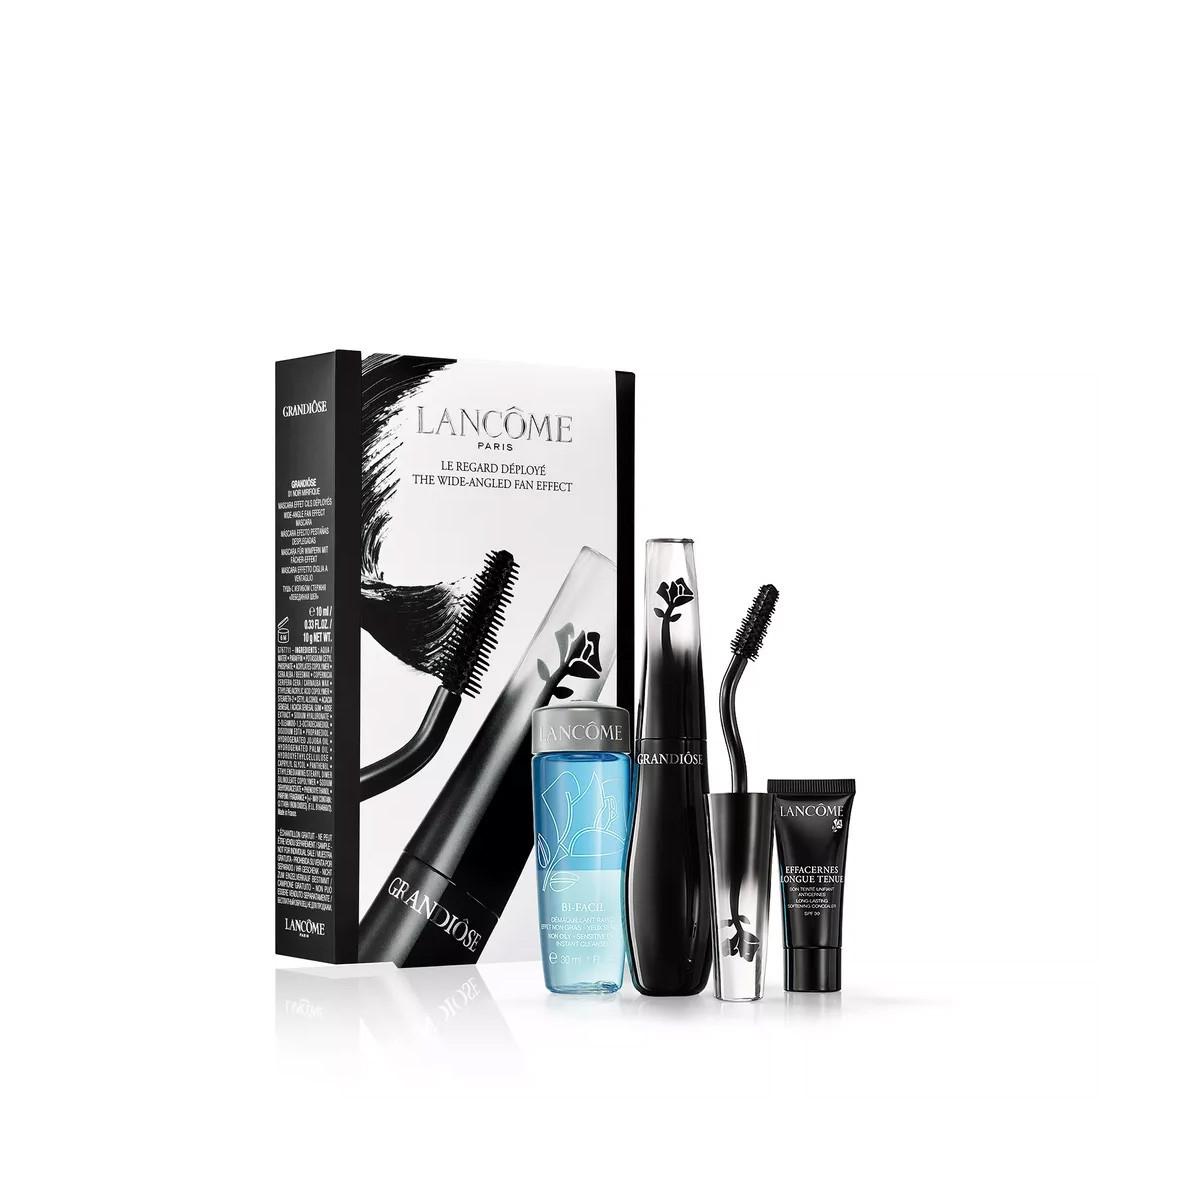 Lancôme Grandiôse Máscara + Liner - Máscara para Cílios + Delineador - Kit